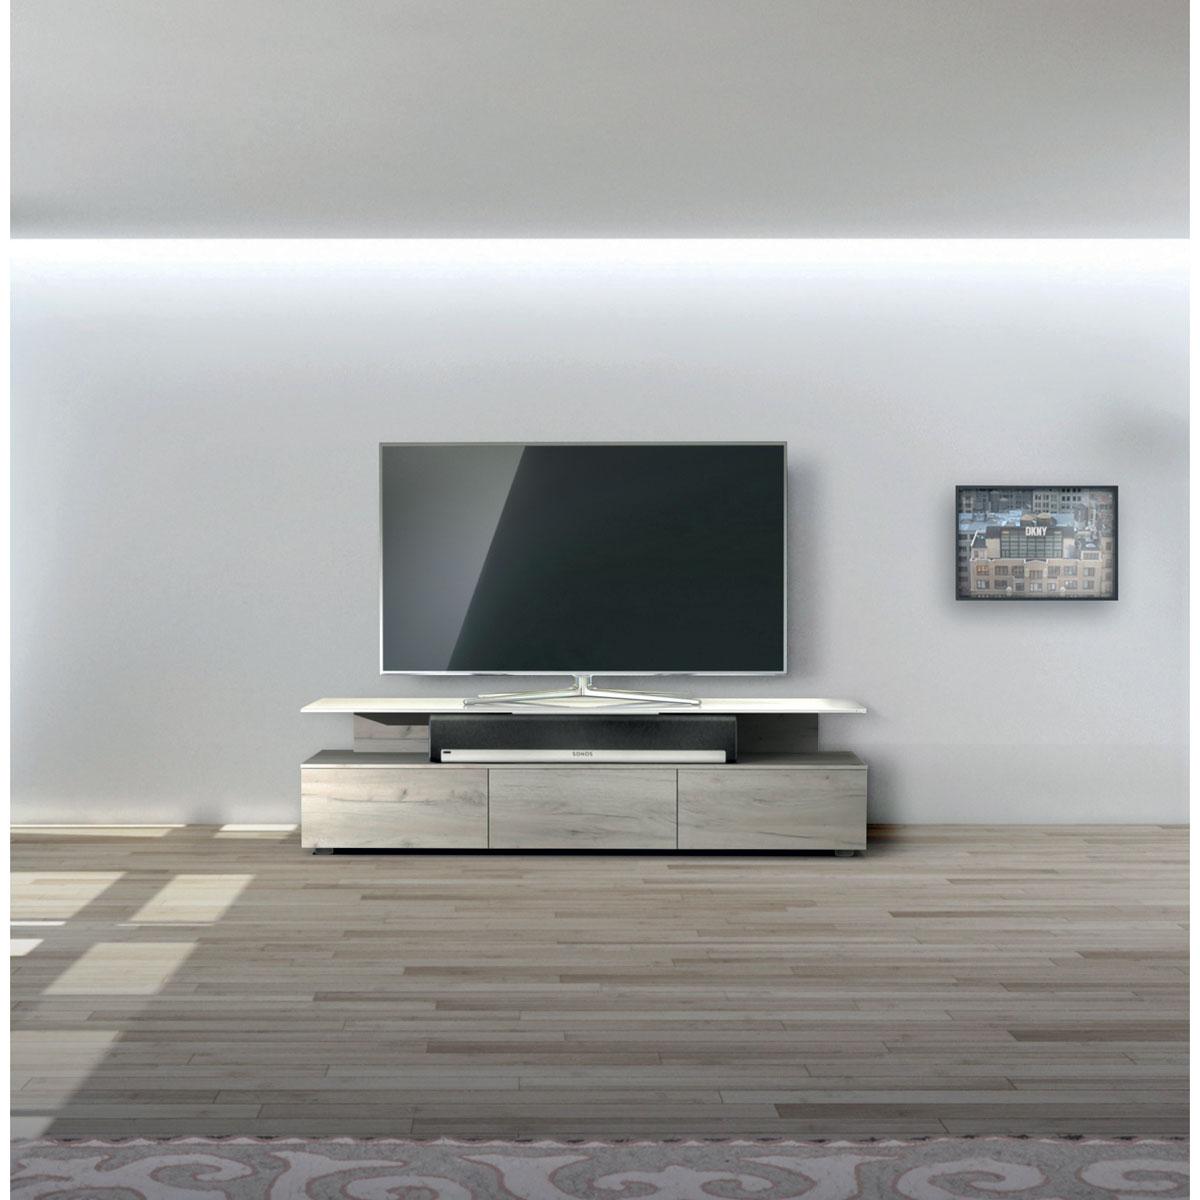 TV Schrank. Sichtbare Flächen verglast.   Soundbar Integration. 3 Klappen als Stauraum. Modell JRM 1650 von Just Racks.